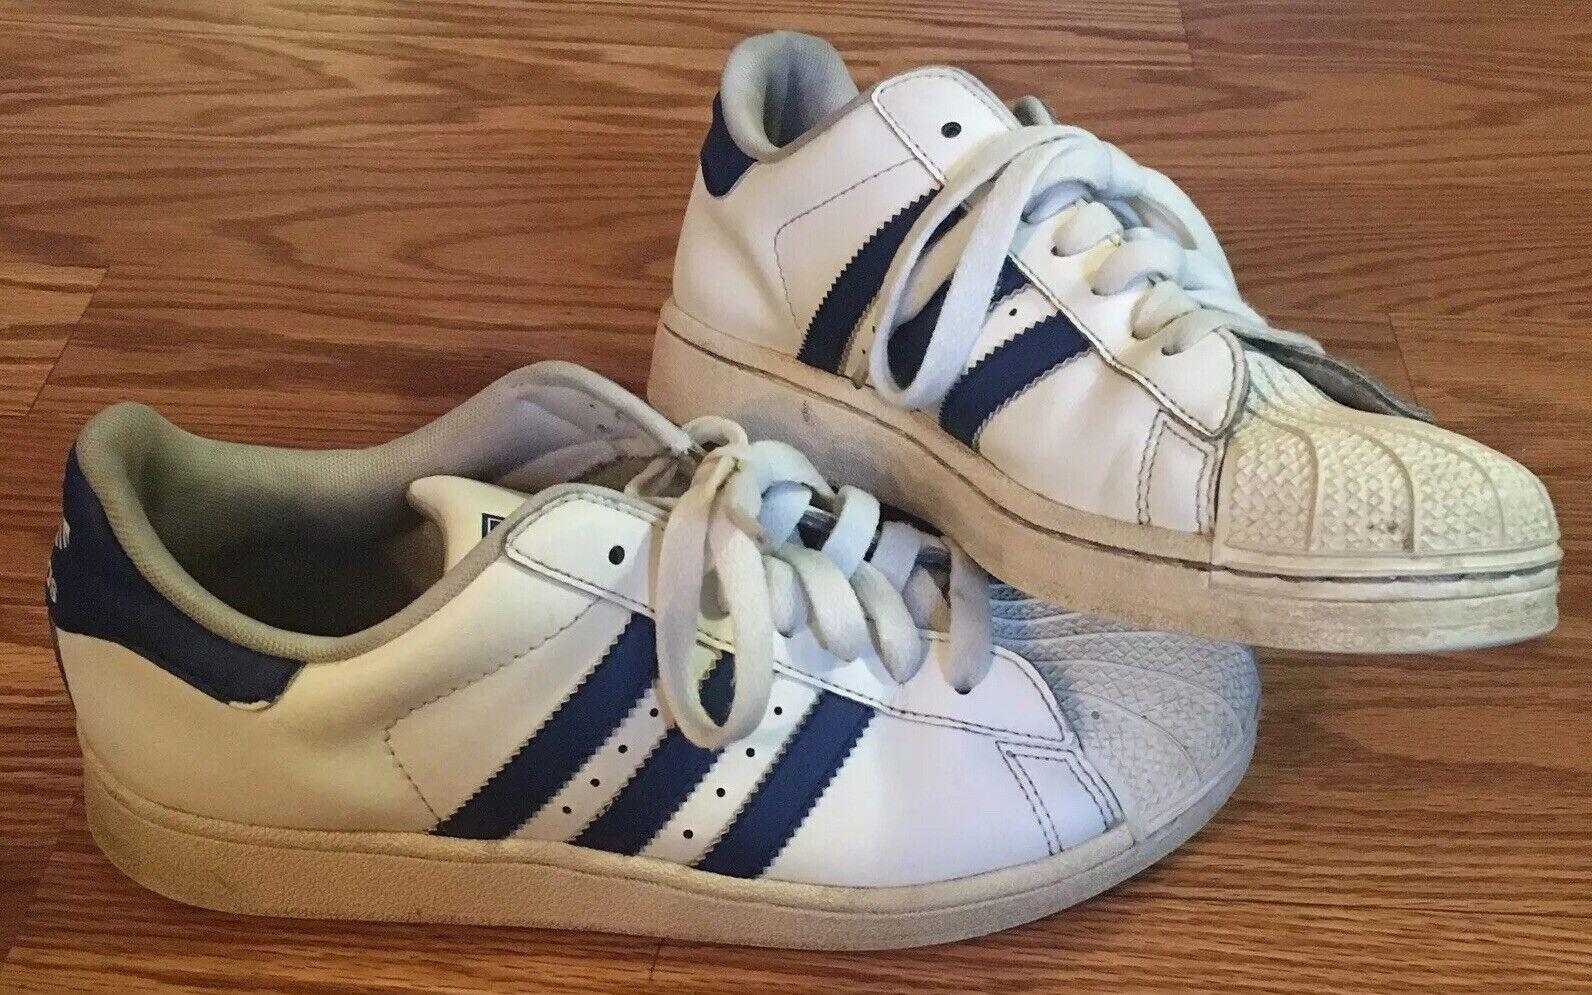 info for new release best authentic Weiß 5.5 Größe Herren Zehen Gehäuse Superstar Adidas Blau ...